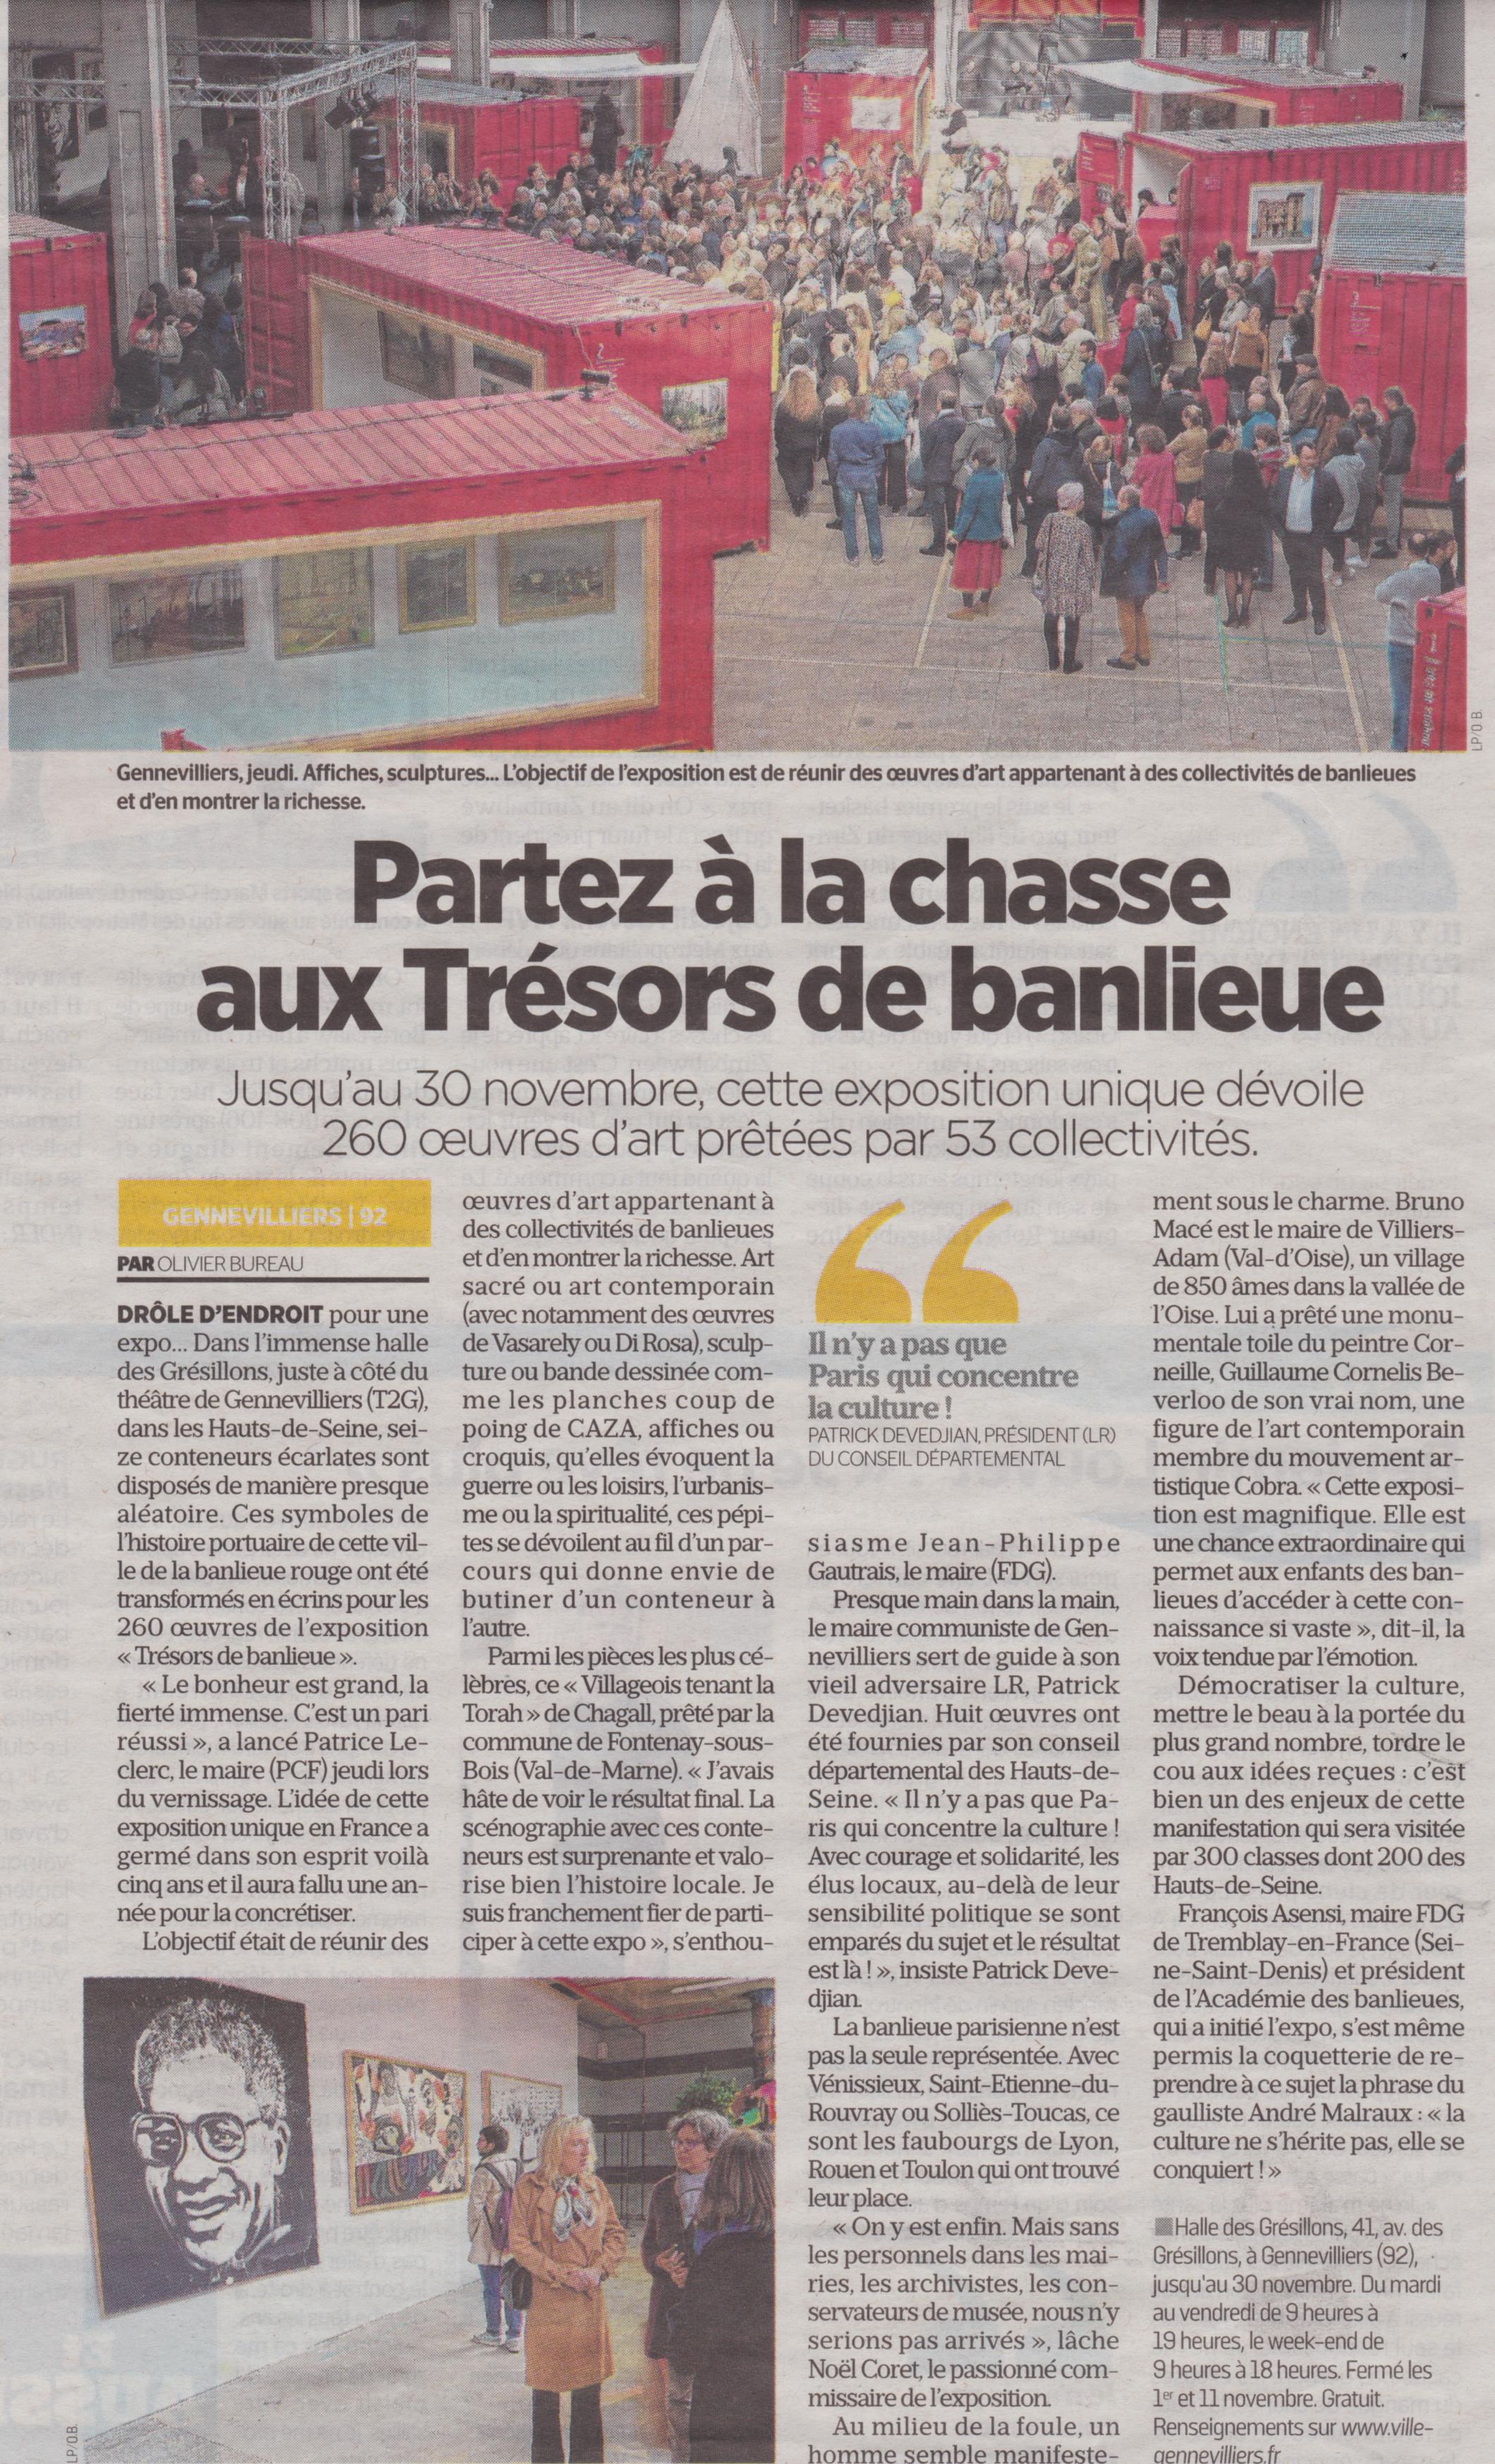 Le Parisien, 17 Le Parisien, 7 octobre 2019, Partez à la Chasse aux Trésors de Banlieue 2017, Mise à l'eau de Zambèze Sequana Chatou